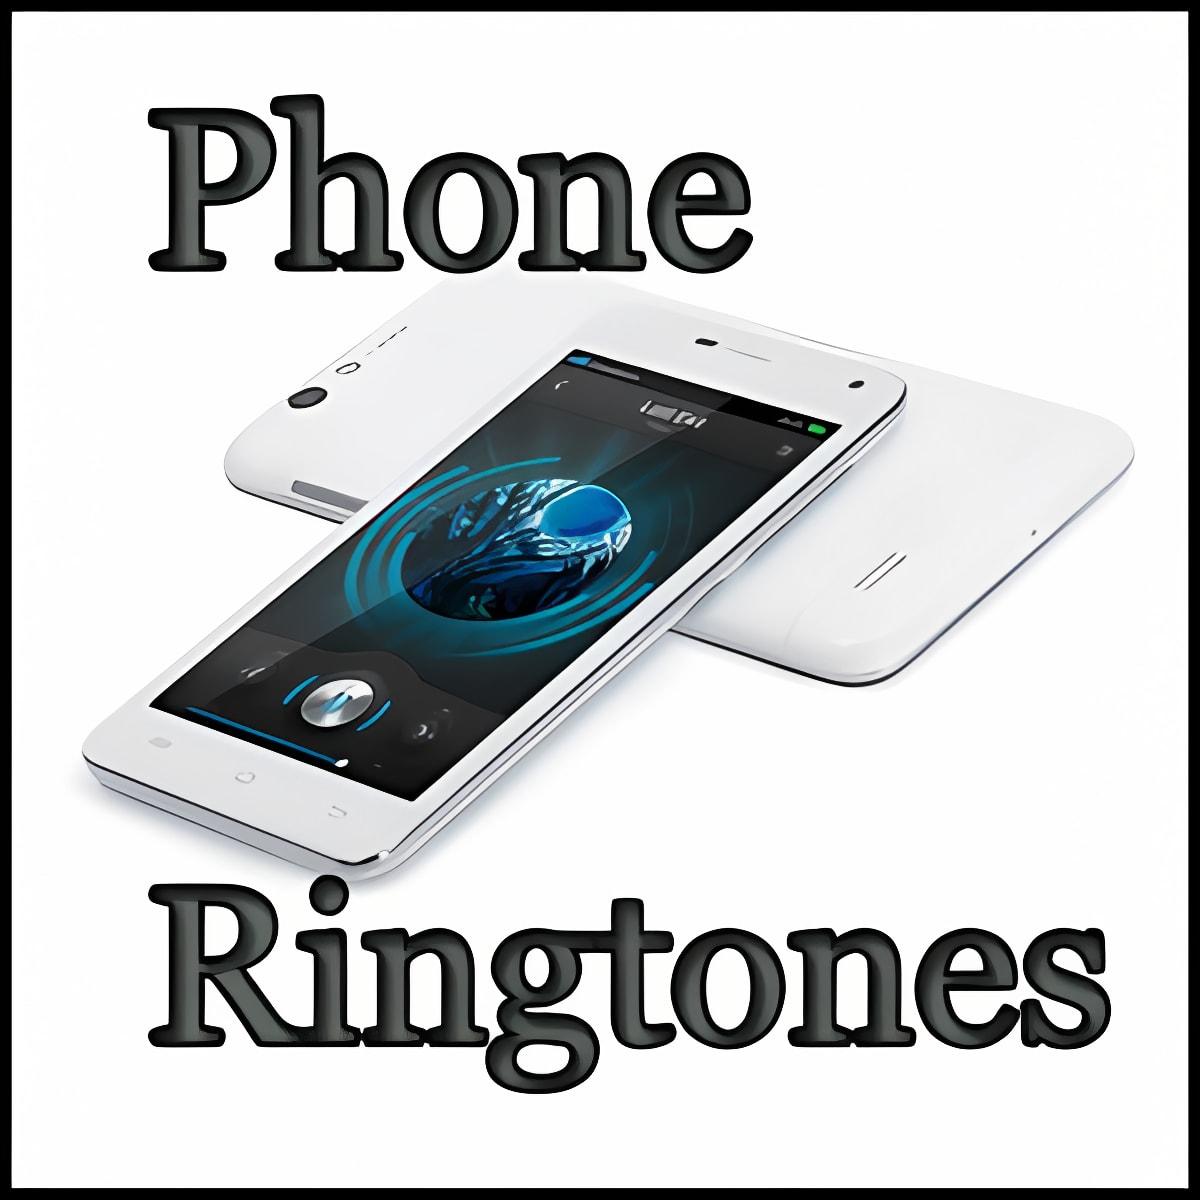 Tonos telefónicos